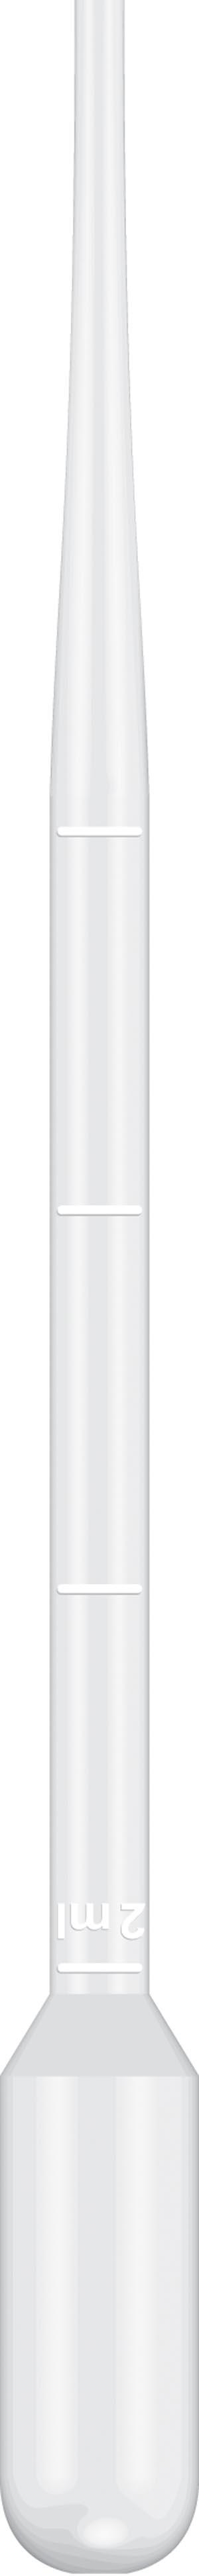 Pipet, 15.5cm Length, 5mL Capacity, Non-Sterile, 500/pk, 10 pk/cs